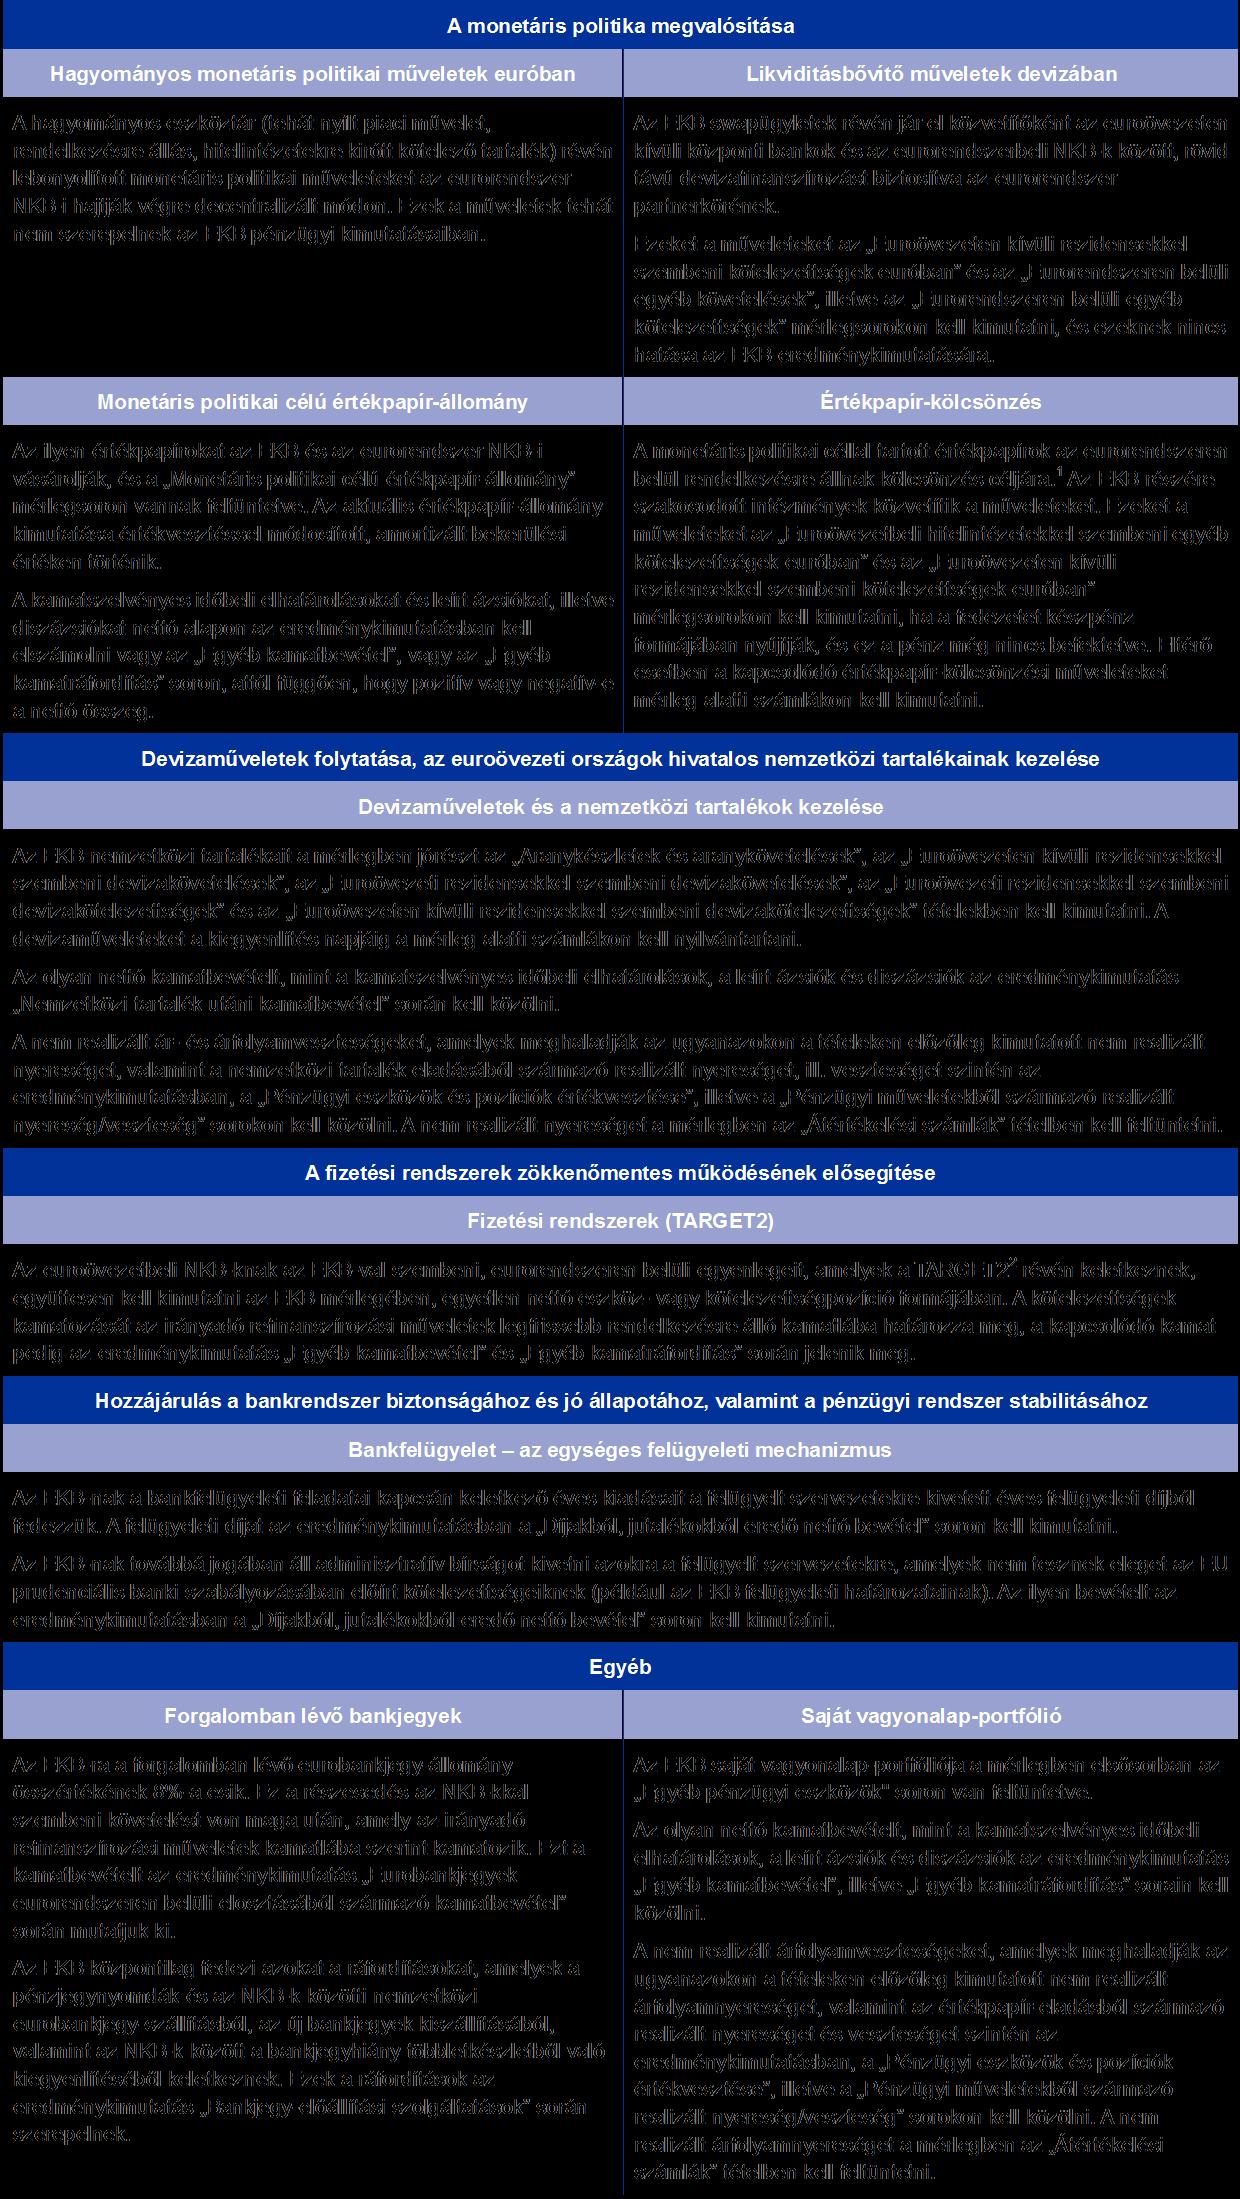 stocastc bináris opciós stratégia végtelen bevétel az interneten